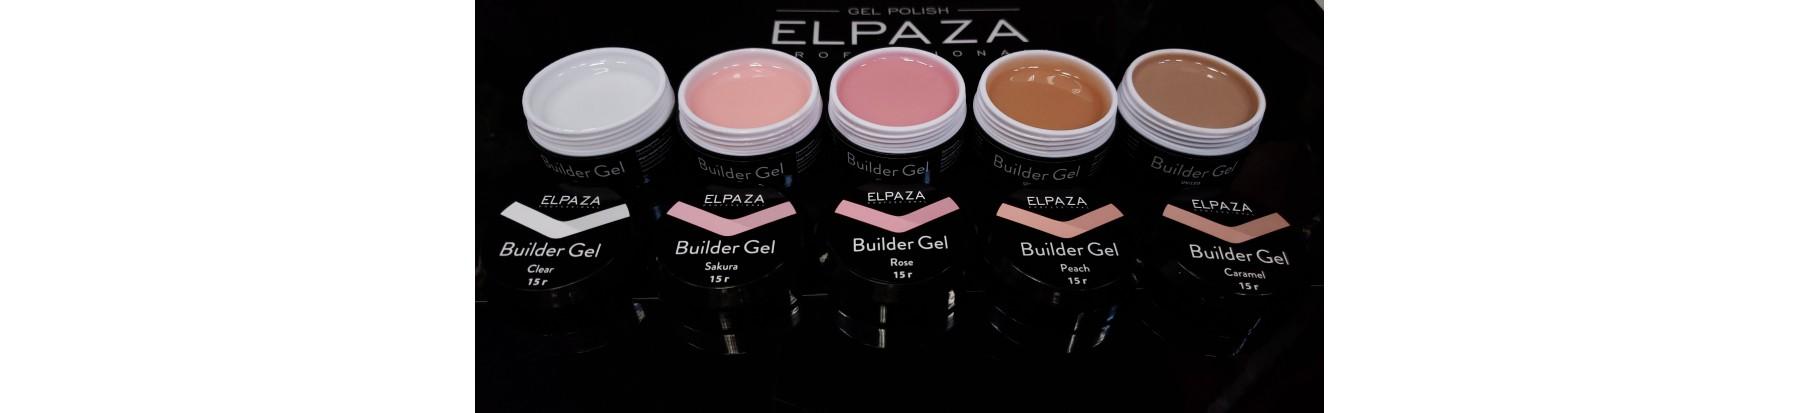 Elpaza Builder Gel